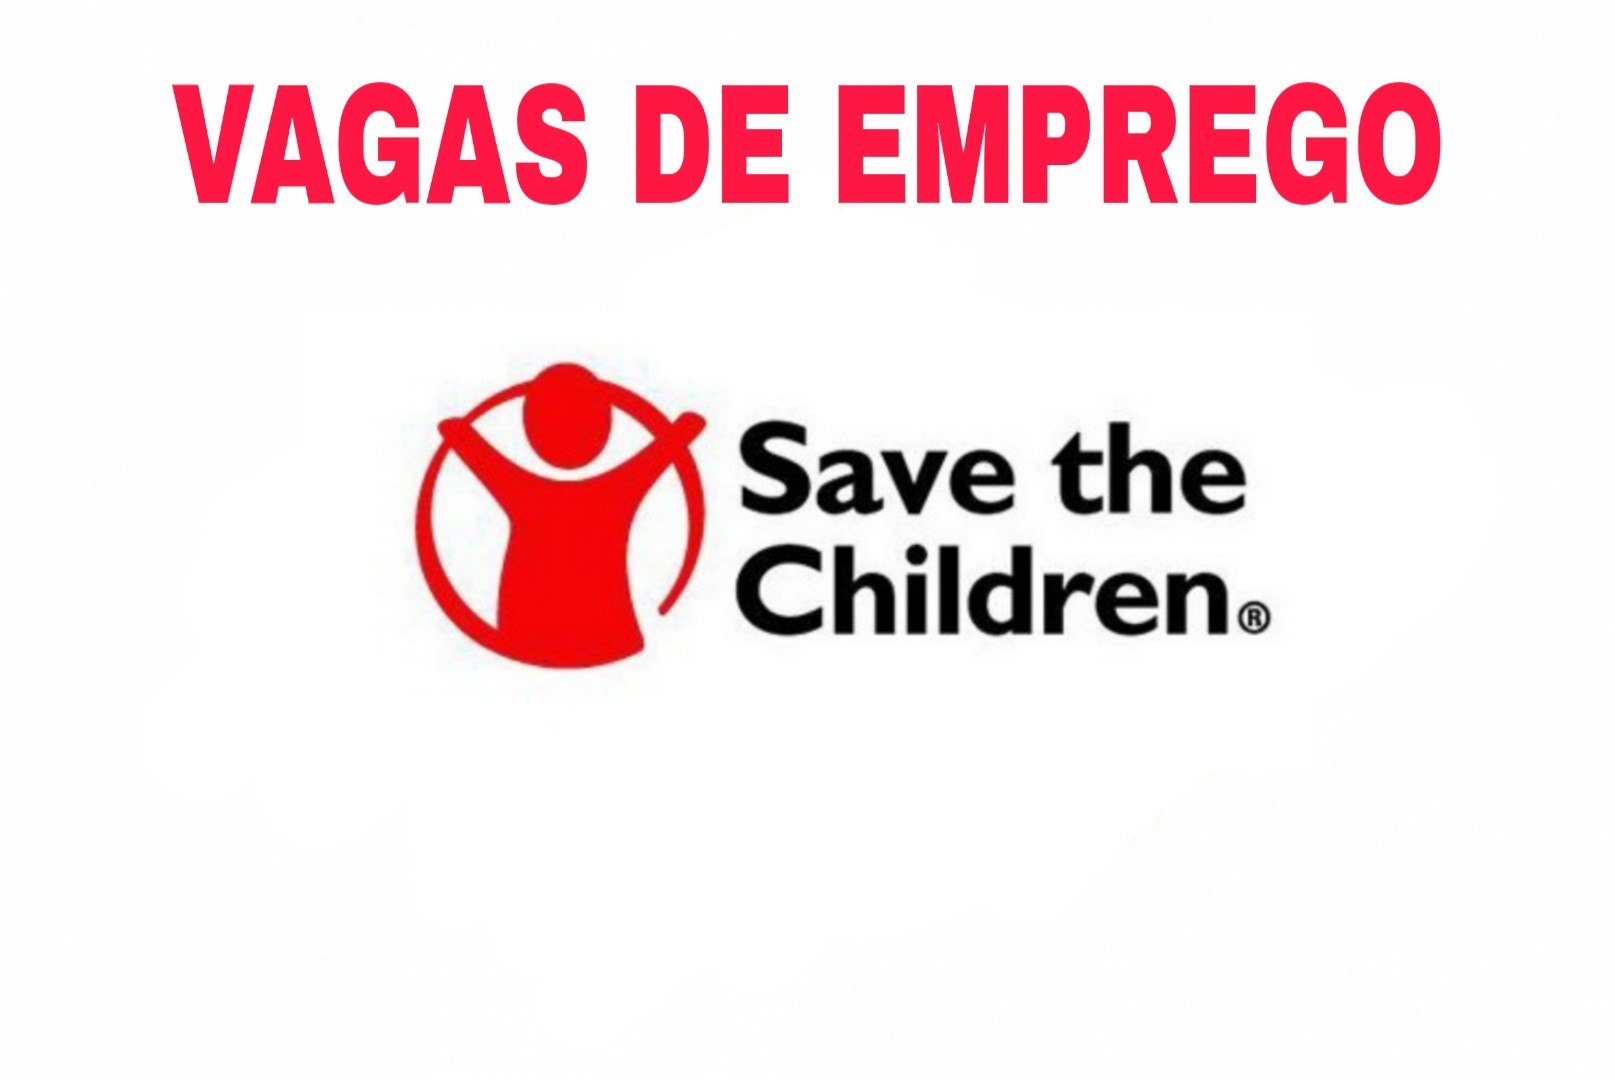 Sovagasmoz - Emprego em Save the Children Moçambique